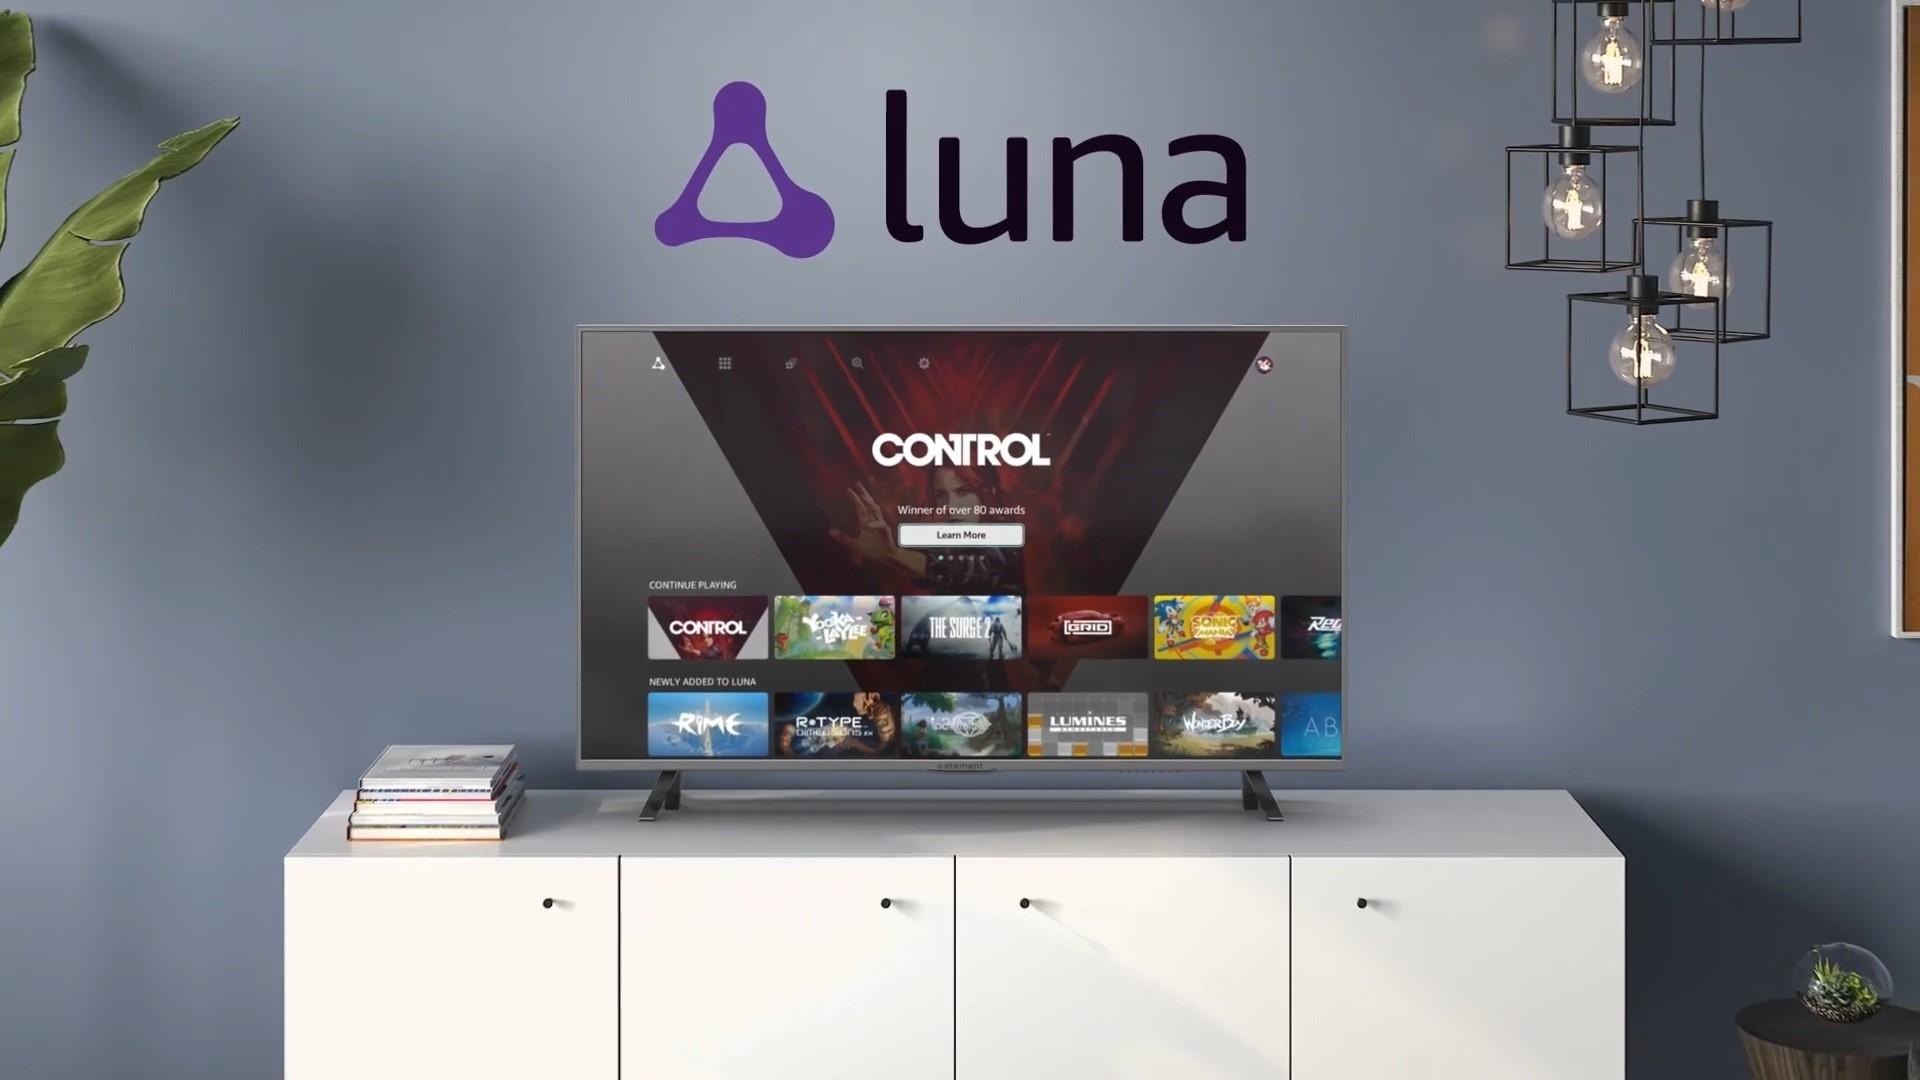 Amazon luna é o novo serviço de streaming para games da companhia.